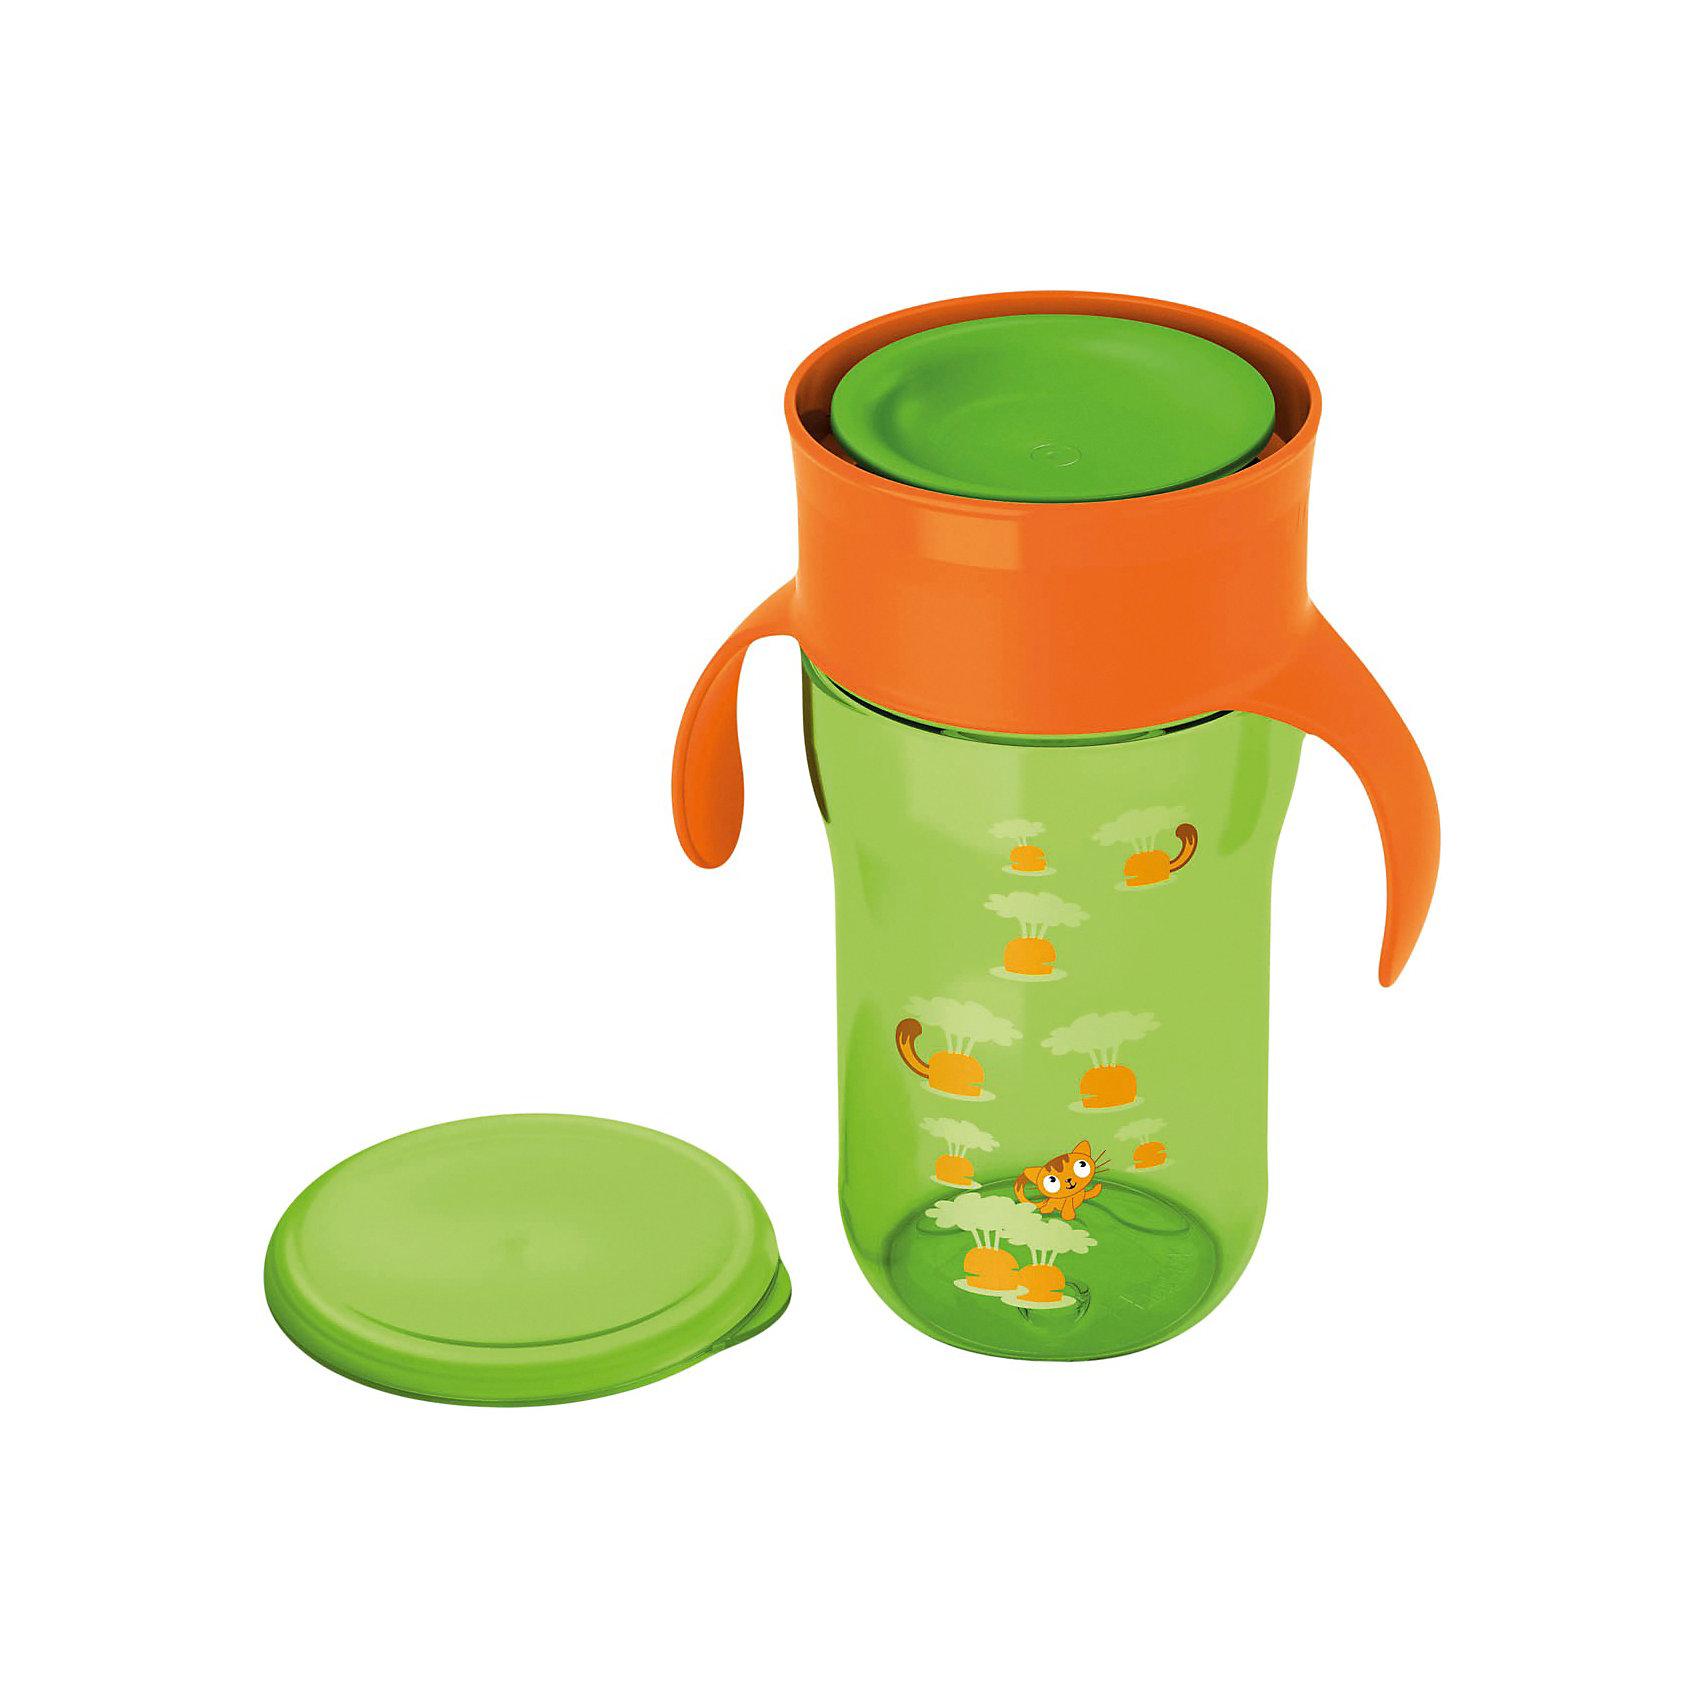 Поильник-чашка 340 мл., AVENT, зелёныйПоильники<br>Поильник-чашка Philips-Avent (Авент) идеально подойдет для малышей, которые учатся пить из чашки и уже могут самостоятельно держать кружку в руках. Из поильника можно пить как из стандартной взрослой чашки по всему краю, без носика и трубочки. Чашка оснащена специальным клапаном, который открывается при прикосновении губ ребенка, обеспечивает быстрый поток жидкости и предотвращает протекание и проливание. Ребенку приходится прилагать меньше усилий, что делает кормление более комфортным.<br><br>Обучающие ручки приучают малыша держать чашку и пить без посторонней помощи. Защитная гигиеническая крышка предохранит чашку от загрязнений и сохранит в чистоте во время прогулок и дома. Чашка имеет яркий, привлекательный для малыша дизайн с забавными рисунками. Можно стерилизовать и мыть в посудомоечной машине.<br><br>Дополнительная информация:<br><br>- Цвет: зеленый.<br>- Материал: пластик.<br>- Объем: 340 мл.<br>- Возраст: от 18 мес.<br>- Размер: 9 х 11,6 х 19 см.<br>- Вес: 180 гр.<br><br>Чашку, Avent (Авент), 340 мл., зелёную можно купить в нашем магазине.<br><br>Ширина мм: 90<br>Глубина мм: 116<br>Высота мм: 190<br>Вес г: 161<br>Цвет: зеленый<br>Возраст от месяцев: 18<br>Возраст до месяцев: 36<br>Пол: Унисекс<br>Возраст: Детский<br>SKU: 3770432